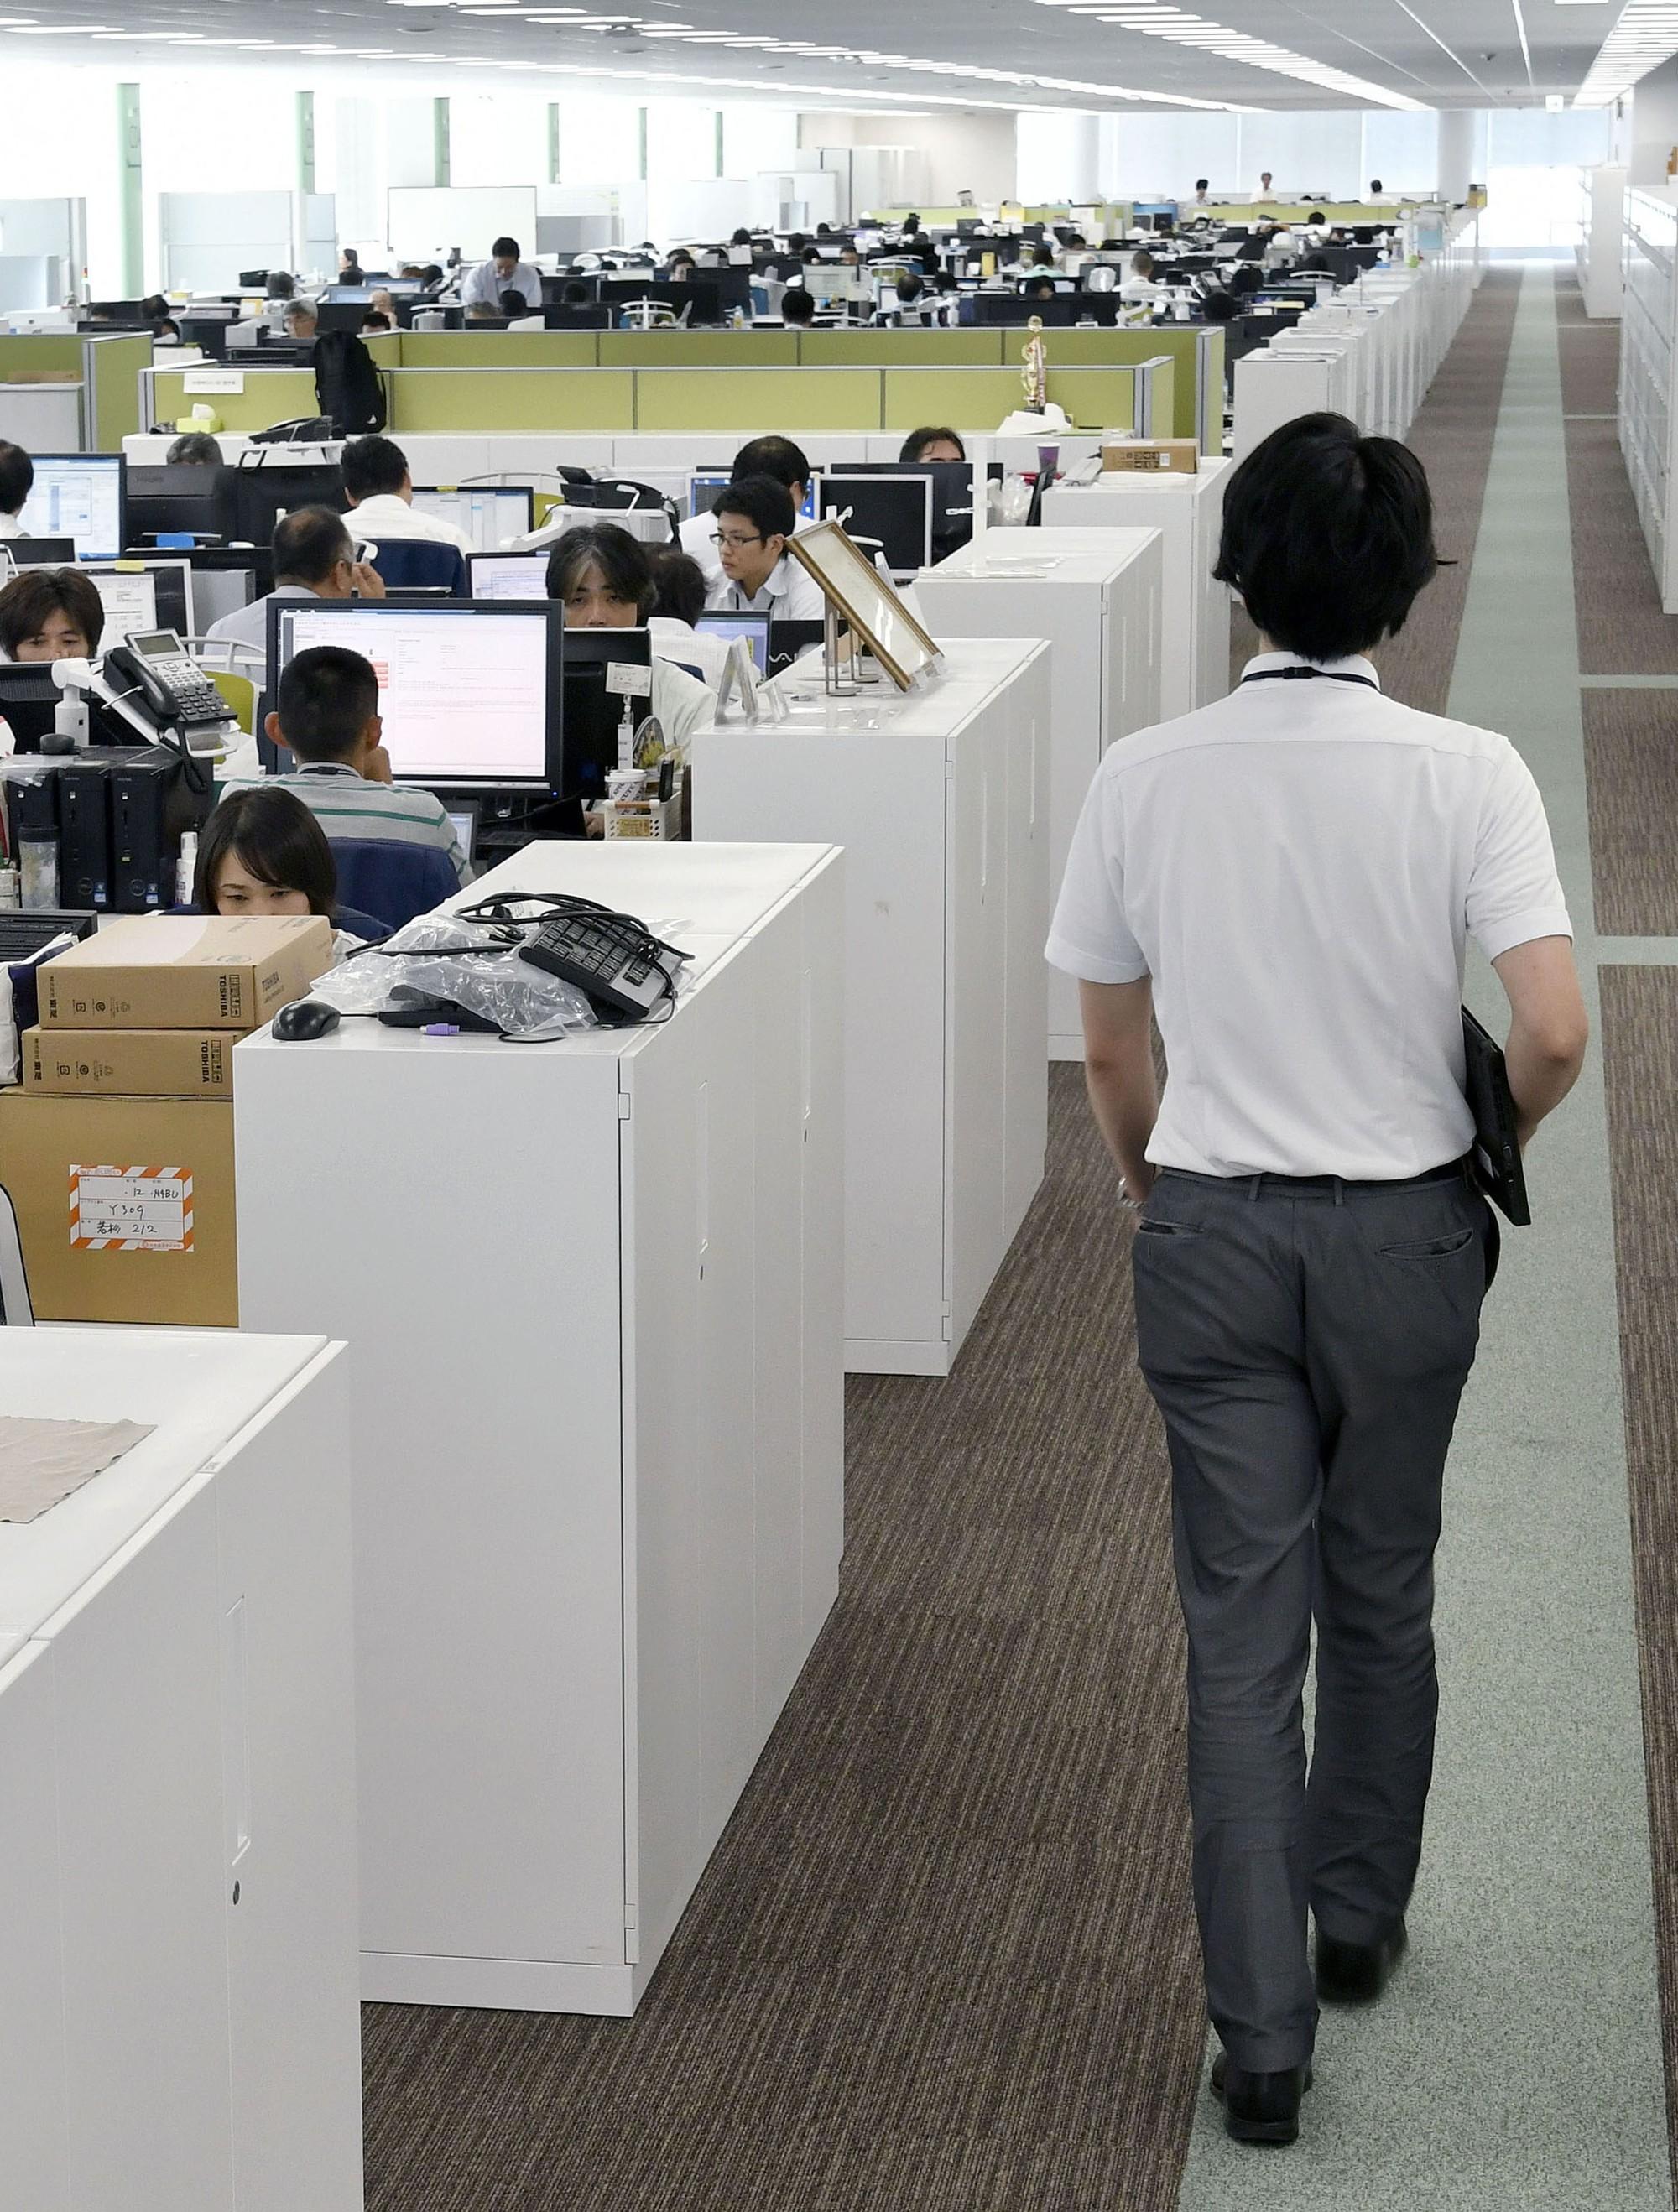 5S - triết lý đơn giản của người Nhật giúp môi trường làm việc thoải mái, hội chị em công sở cần học hỏi ngay - Ảnh 2.